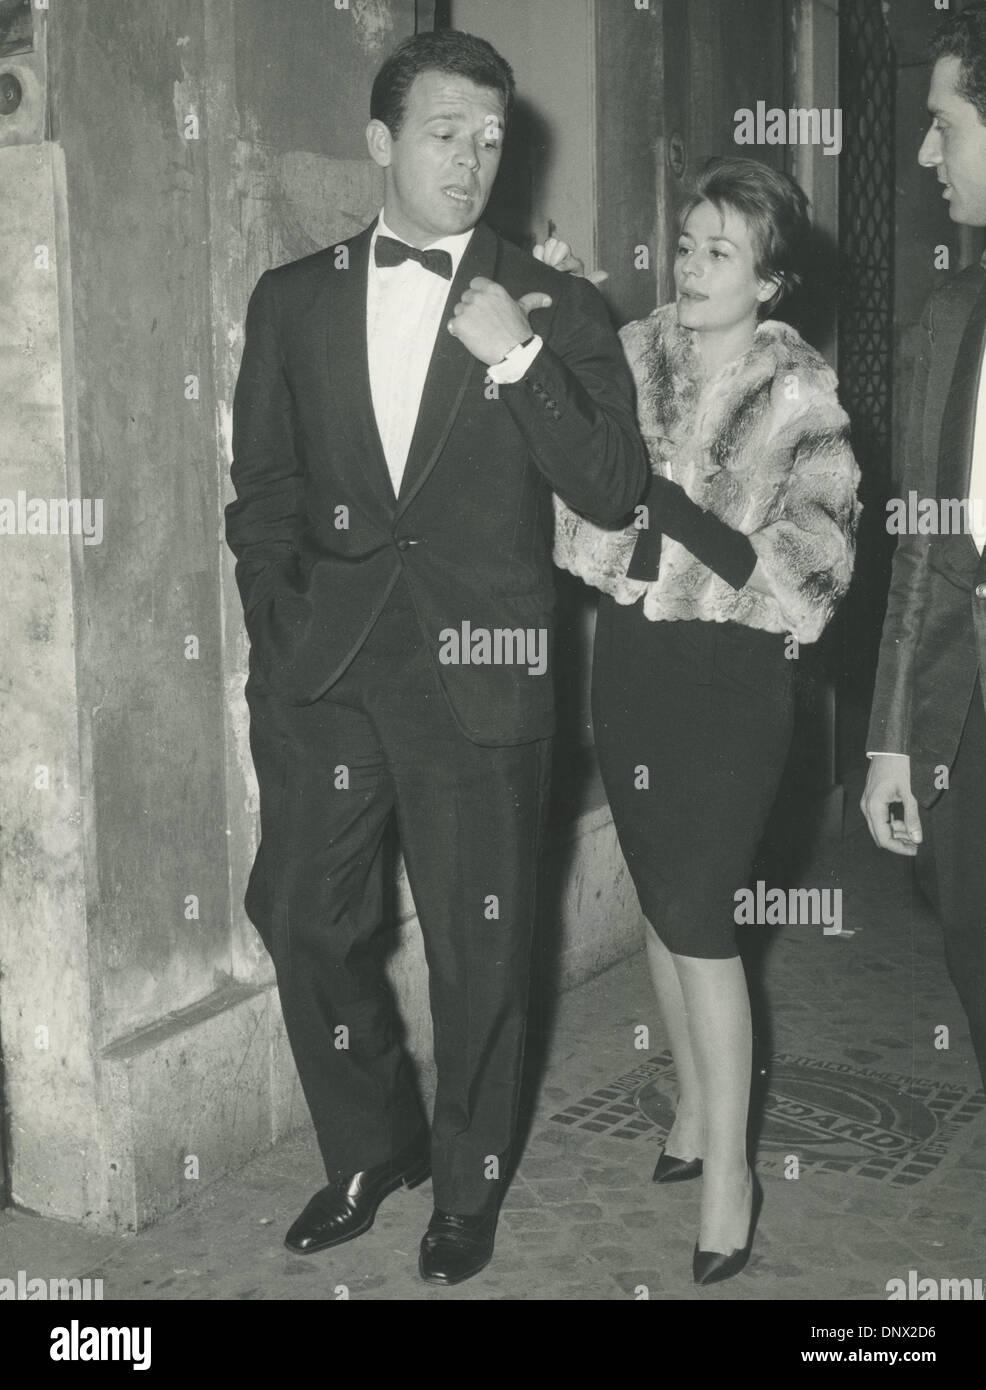 Oct 06, 1962 - Rome, Italie - RENATO SALVATORI et son épouse Annie Girardot assister à la première du film 'Sodoma et Gomorra'. (Crédit Image: © Keystone Photos/ZUMAPRESS.com) Banque D'Images